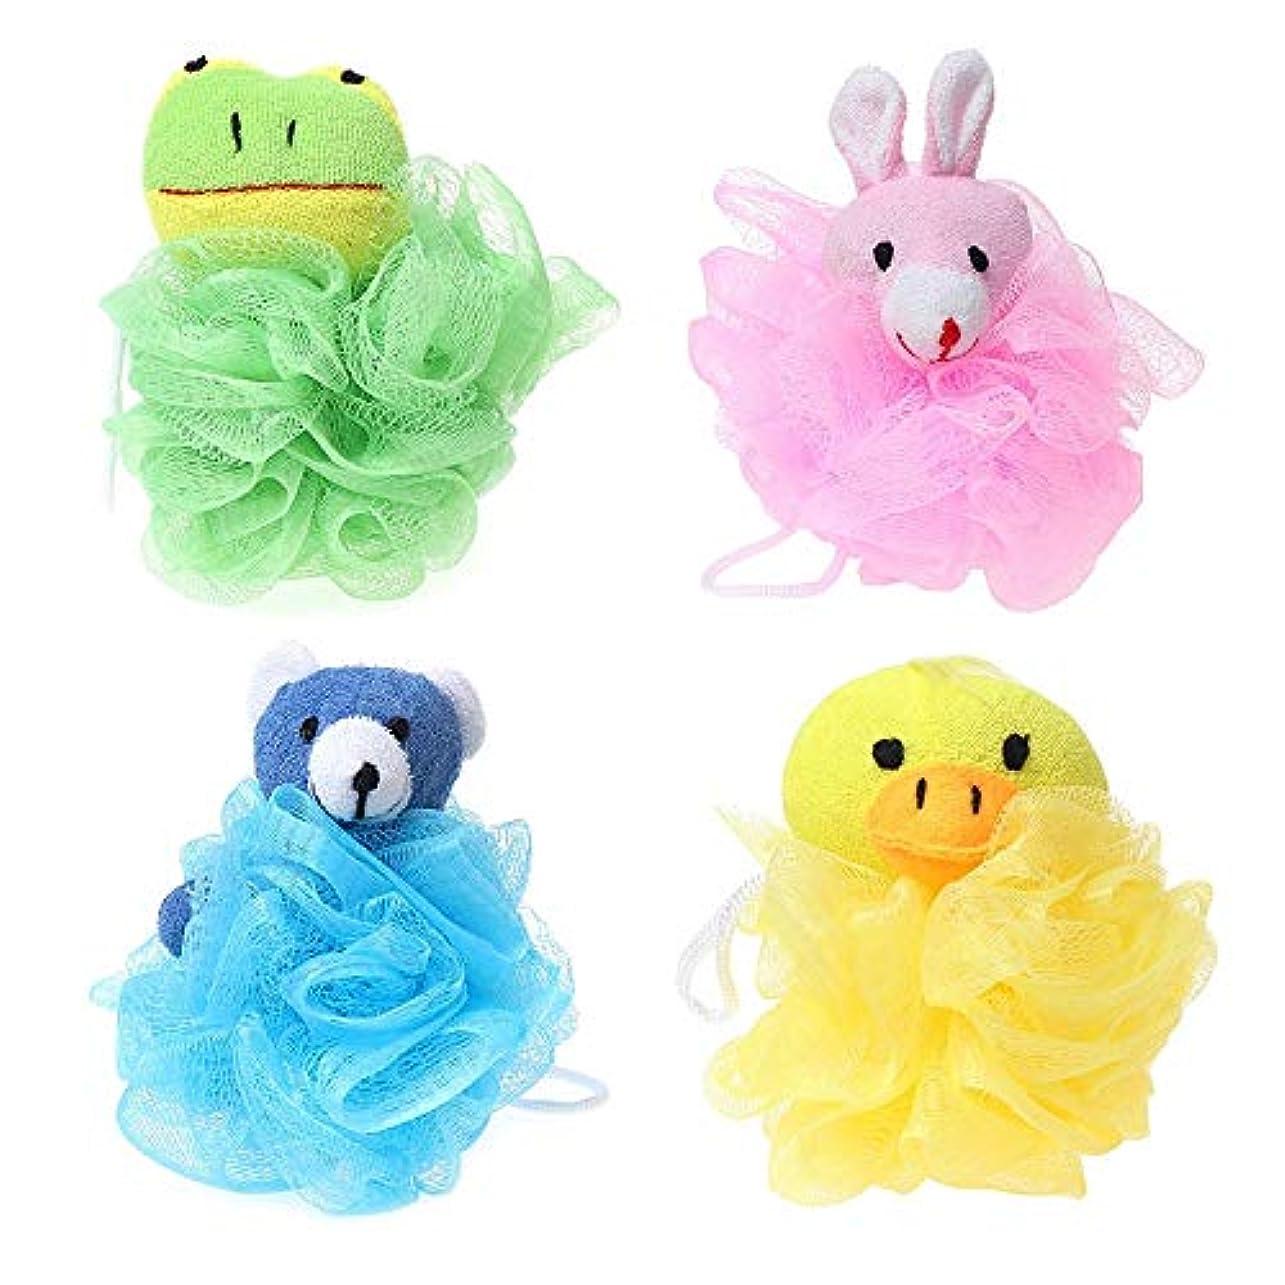 蒸圧縮行商人TOOGOO 子供用おもちゃクッションパフメッシュぬいぐるみ付き(4パック)カエル、アヒル、ウサギ、クマ